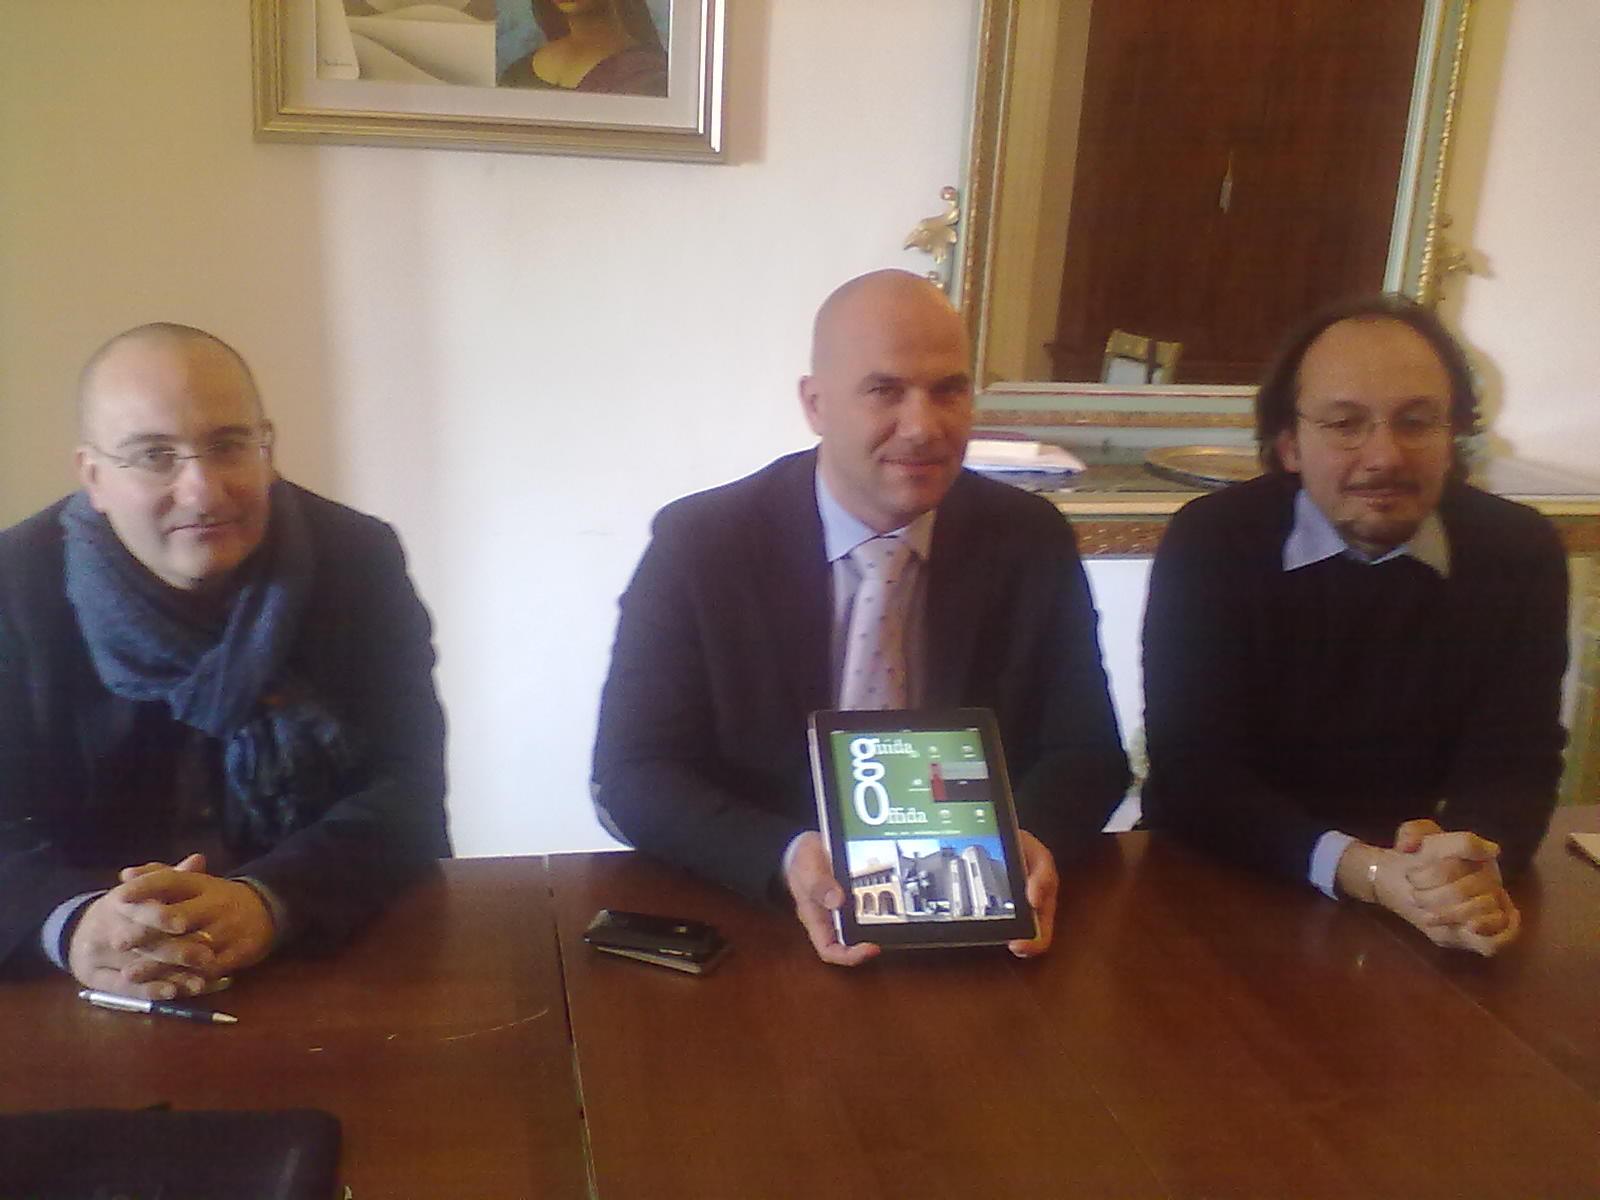 Piero Antimiani, Valerio Lucciarini, Domenico Capponi